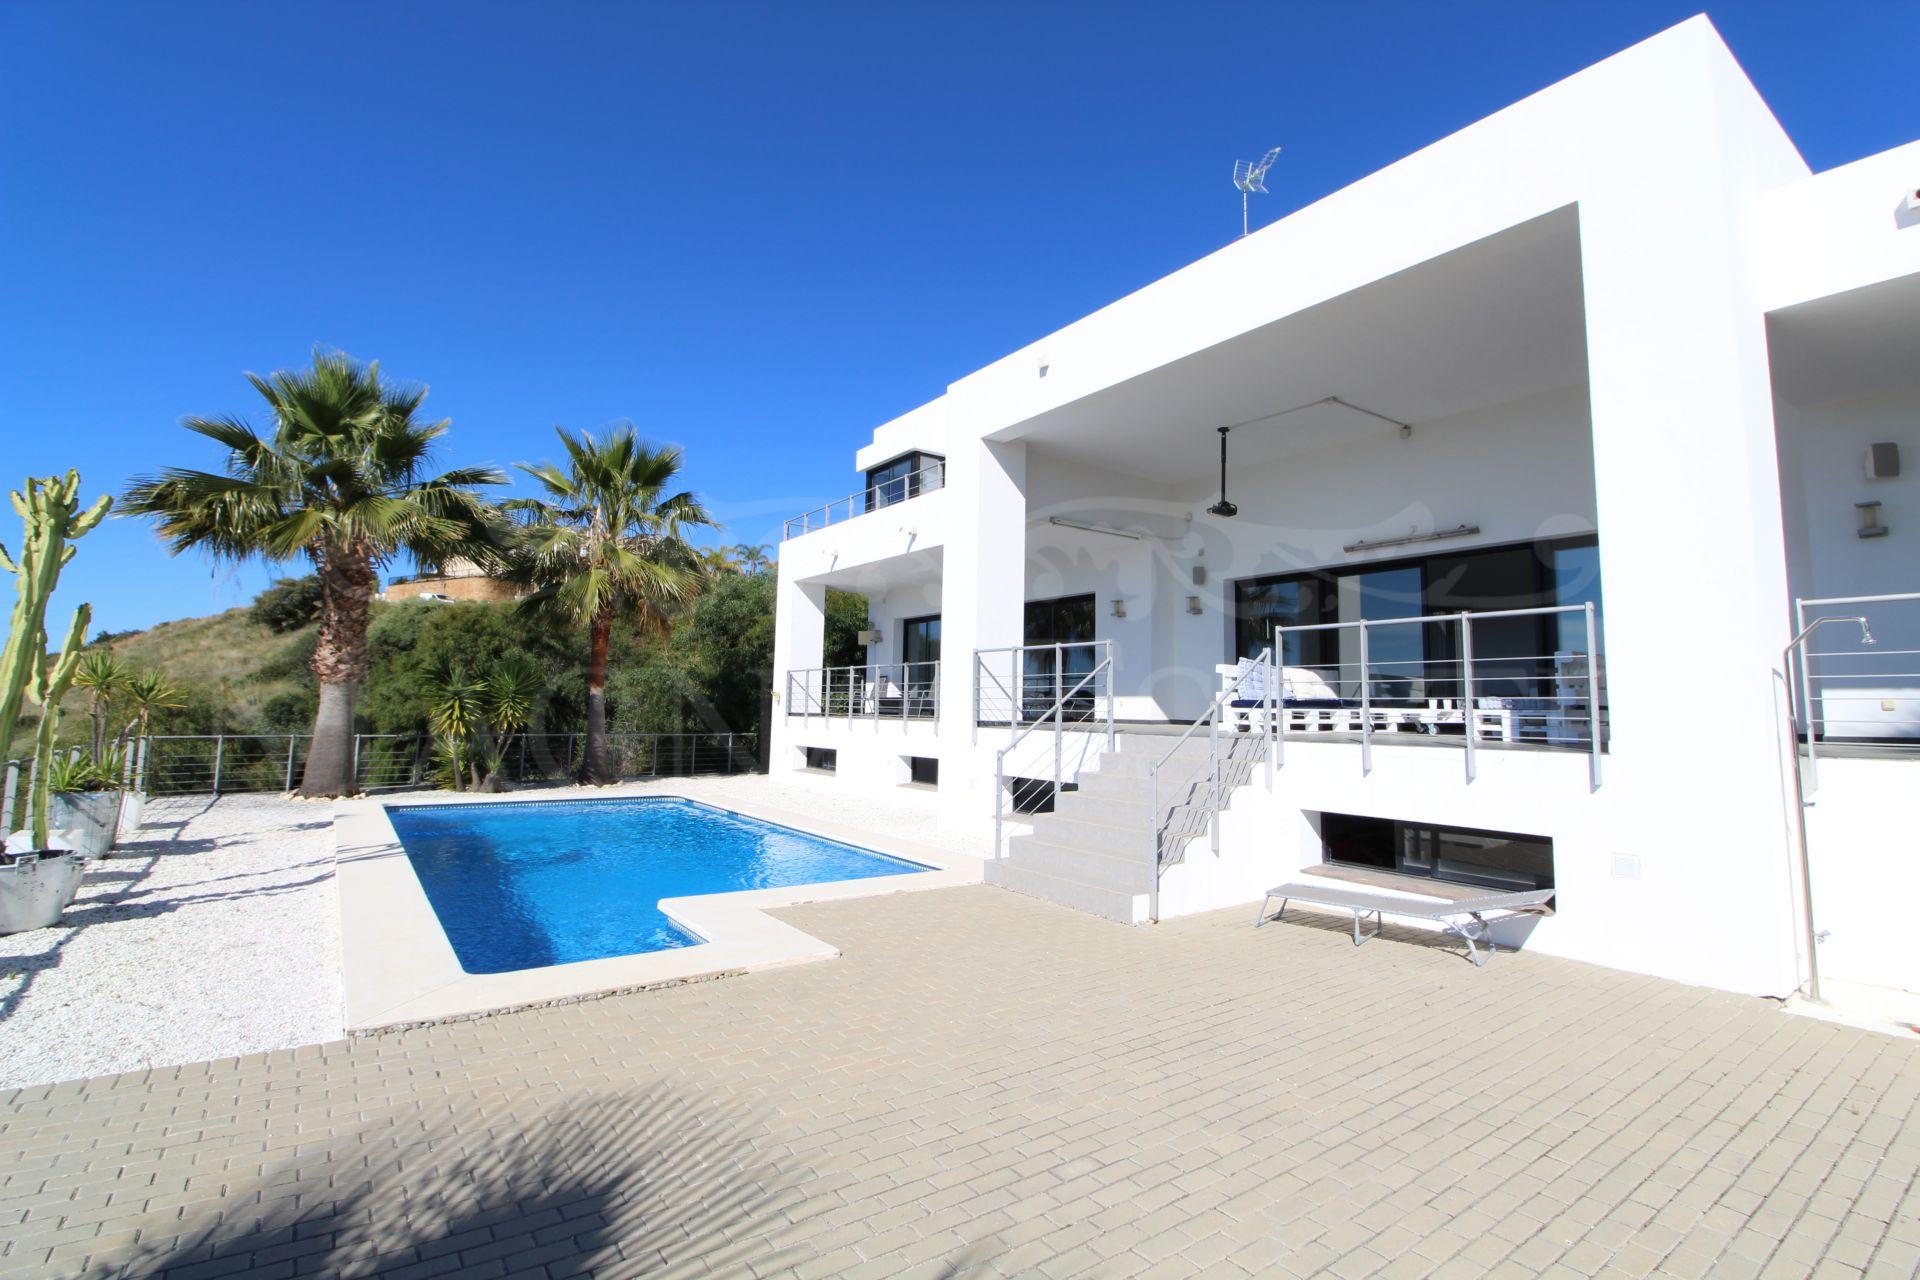 Espectacular villa con vistas abiertas al mar en Puerto El Capitán, Benahavís